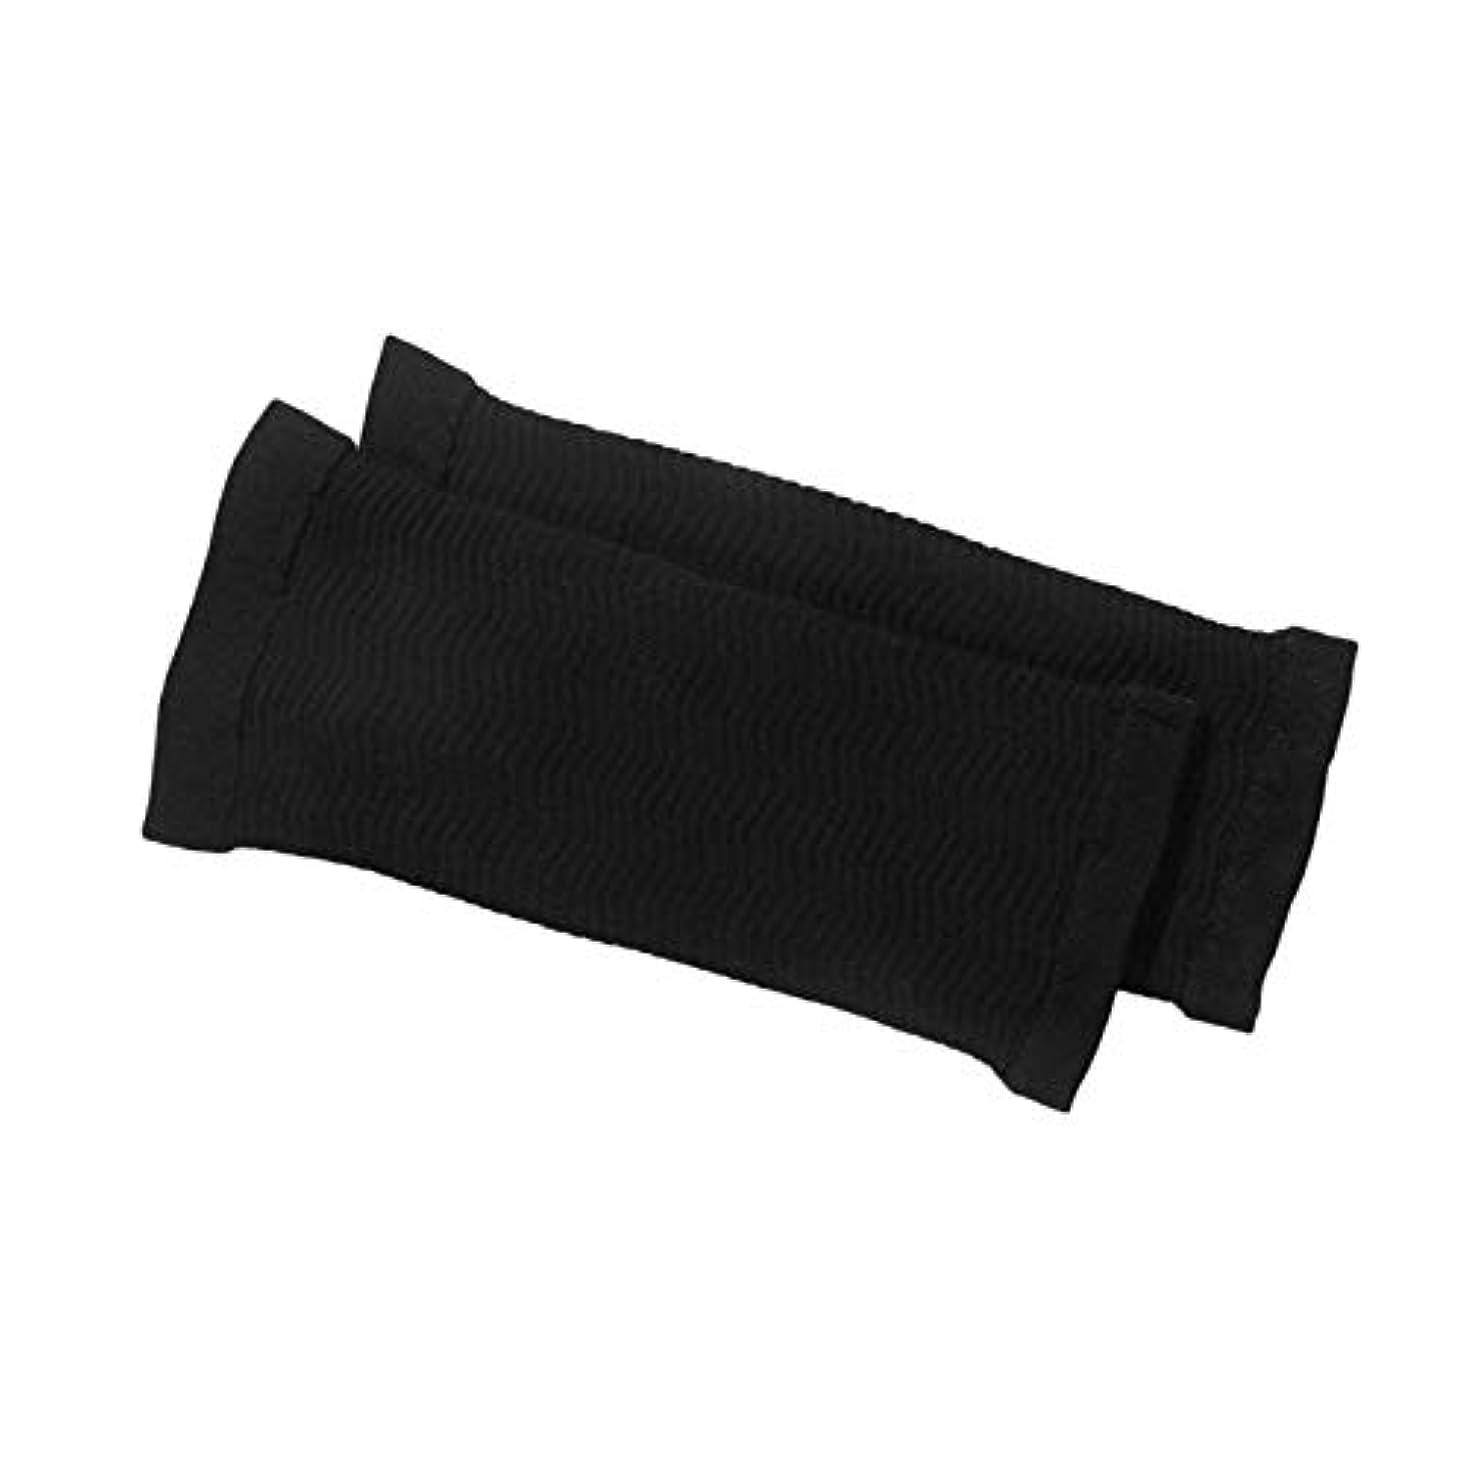 インク階層マトン1ペア420 D圧縮痩身アームスリーブワークアウトトーニングバーンセルライトシェイパー脂肪燃焼袖用女性 - 黒